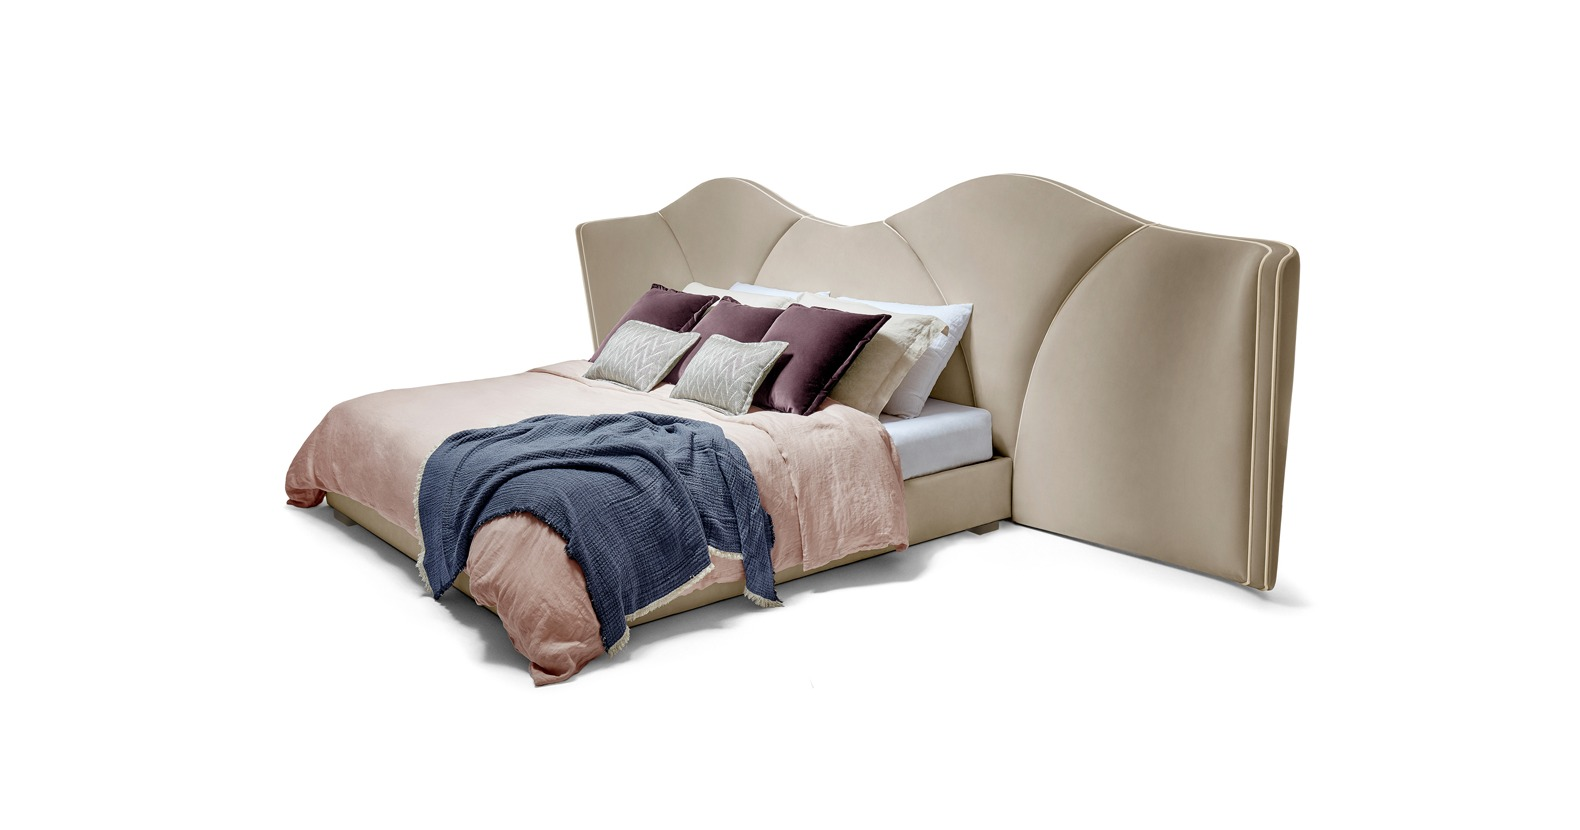 Munna Кровать Josephine от португальского бренда Munna